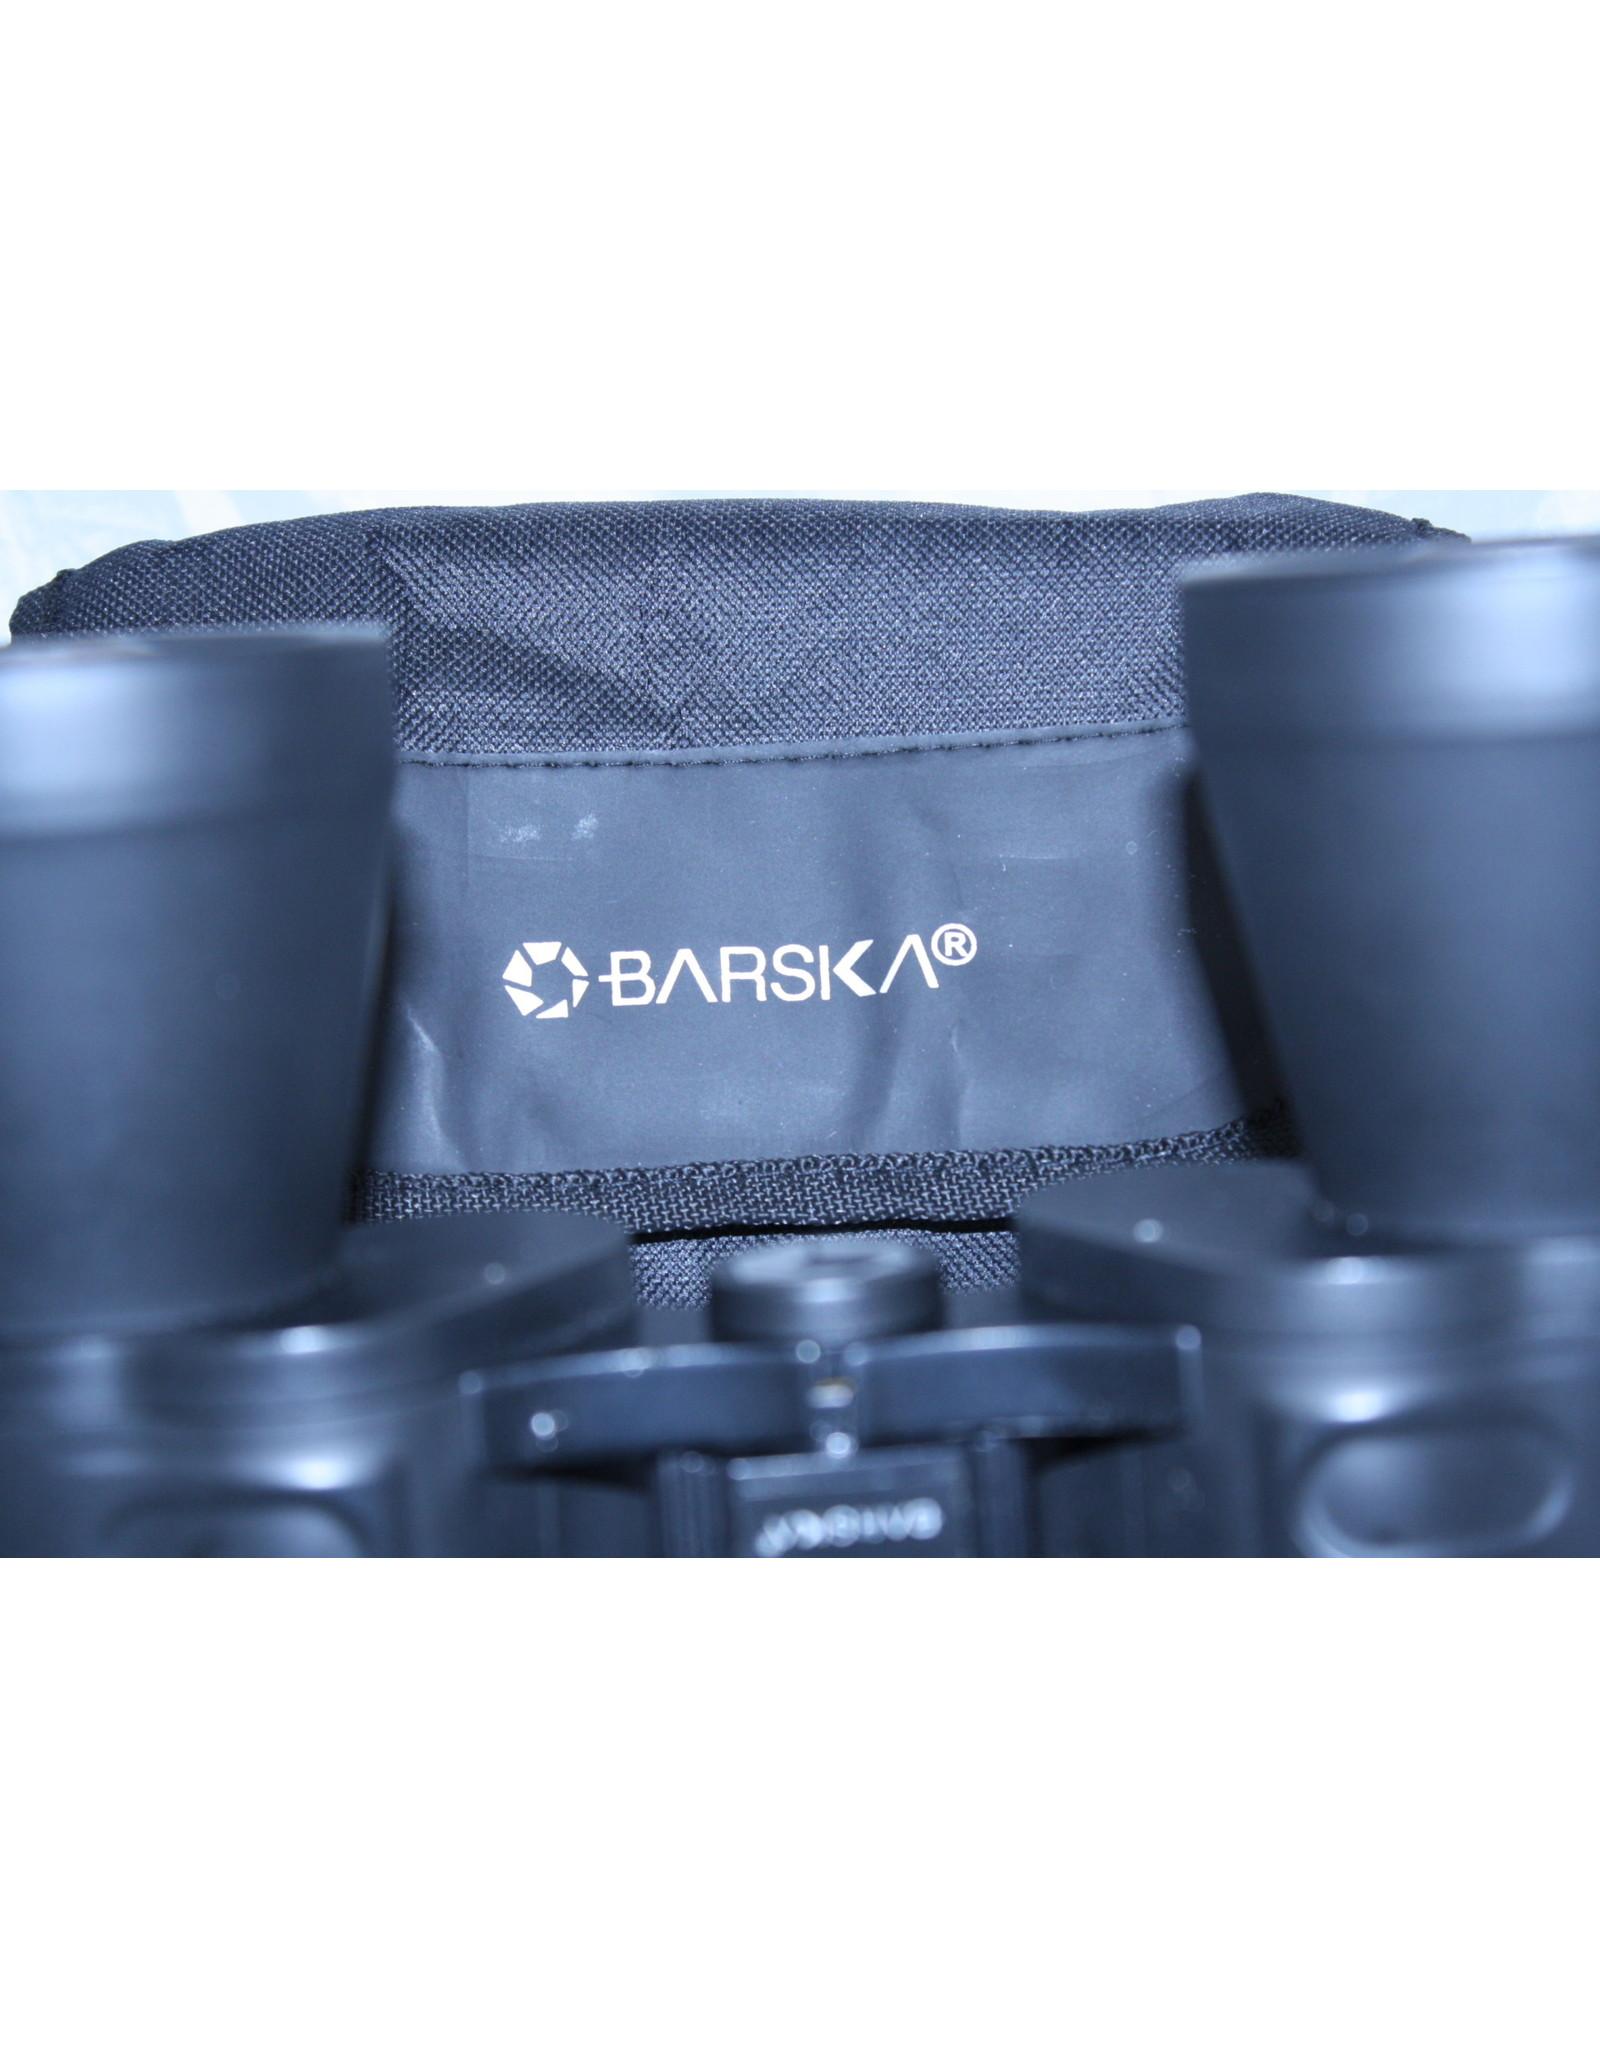 Barska 10x50 (Pre-owned)